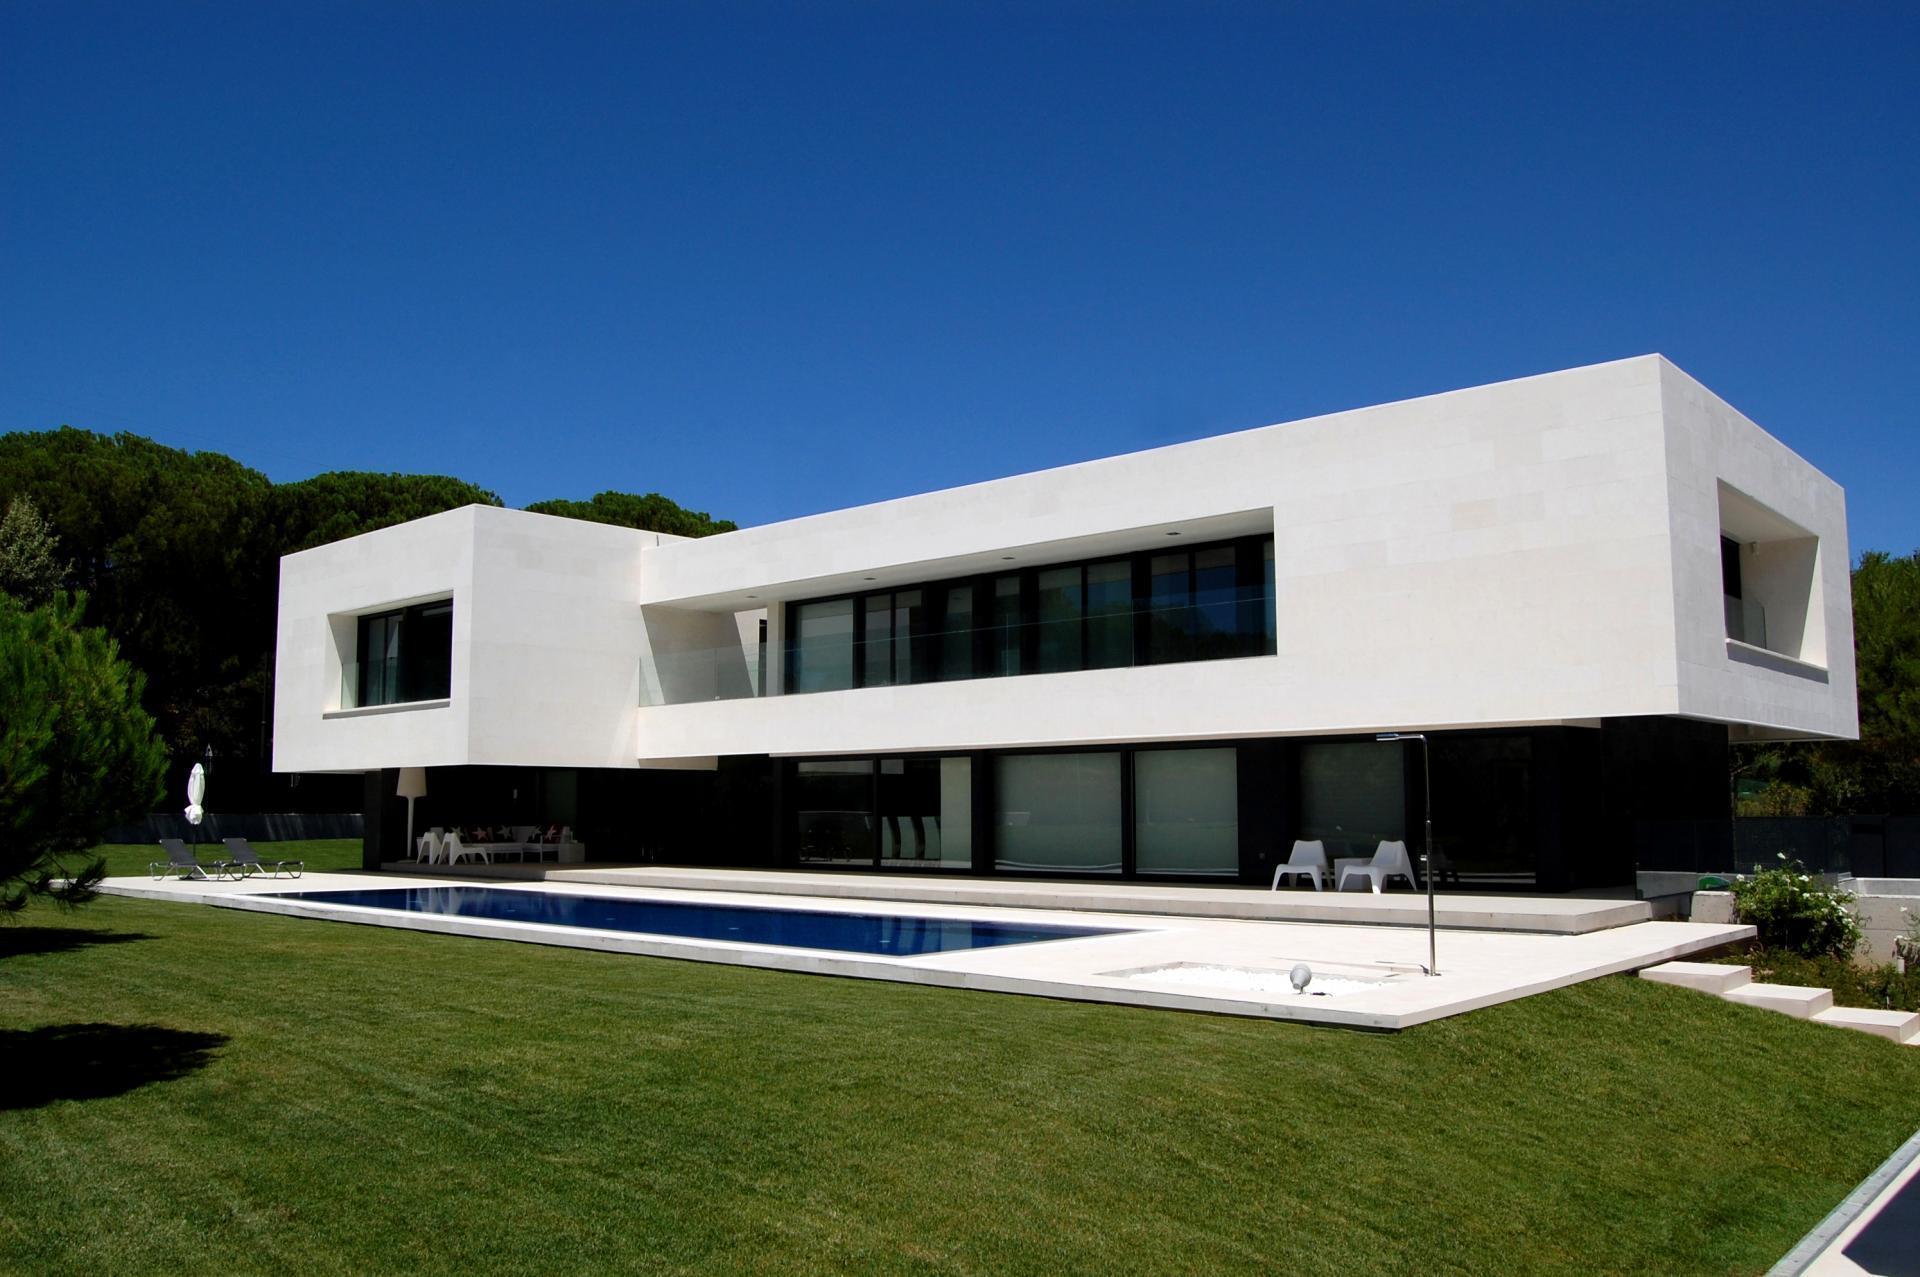 impressionnante maison contemporaine et son por. Black Bedroom Furniture Sets. Home Design Ideas